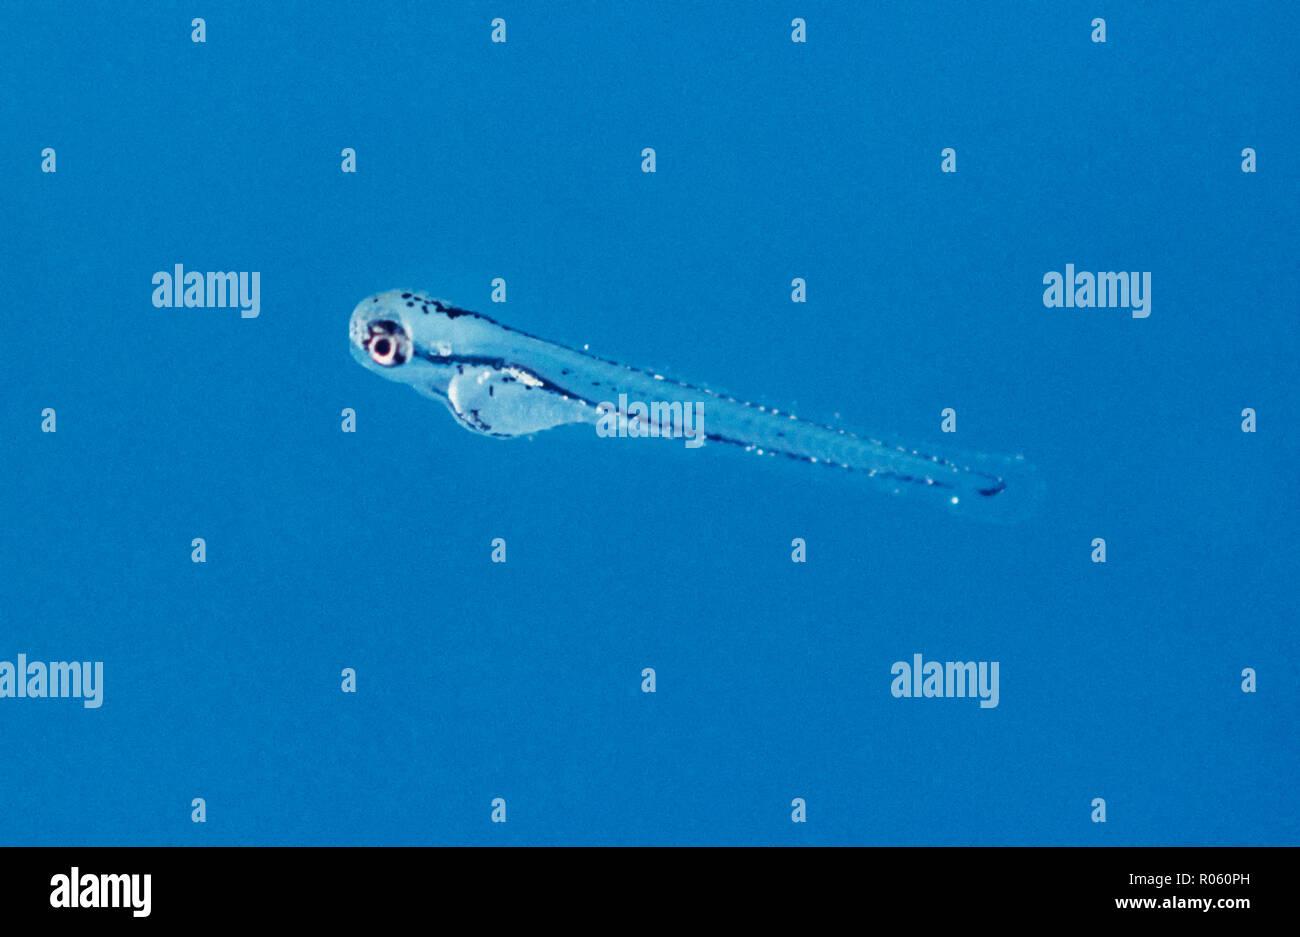 Il danio zebrato, Danio rerio, Fry sul acquario. Dal 1930, zebra pesci sono stati un organismo modello per lo studio di malattie umane. Immagini Stock